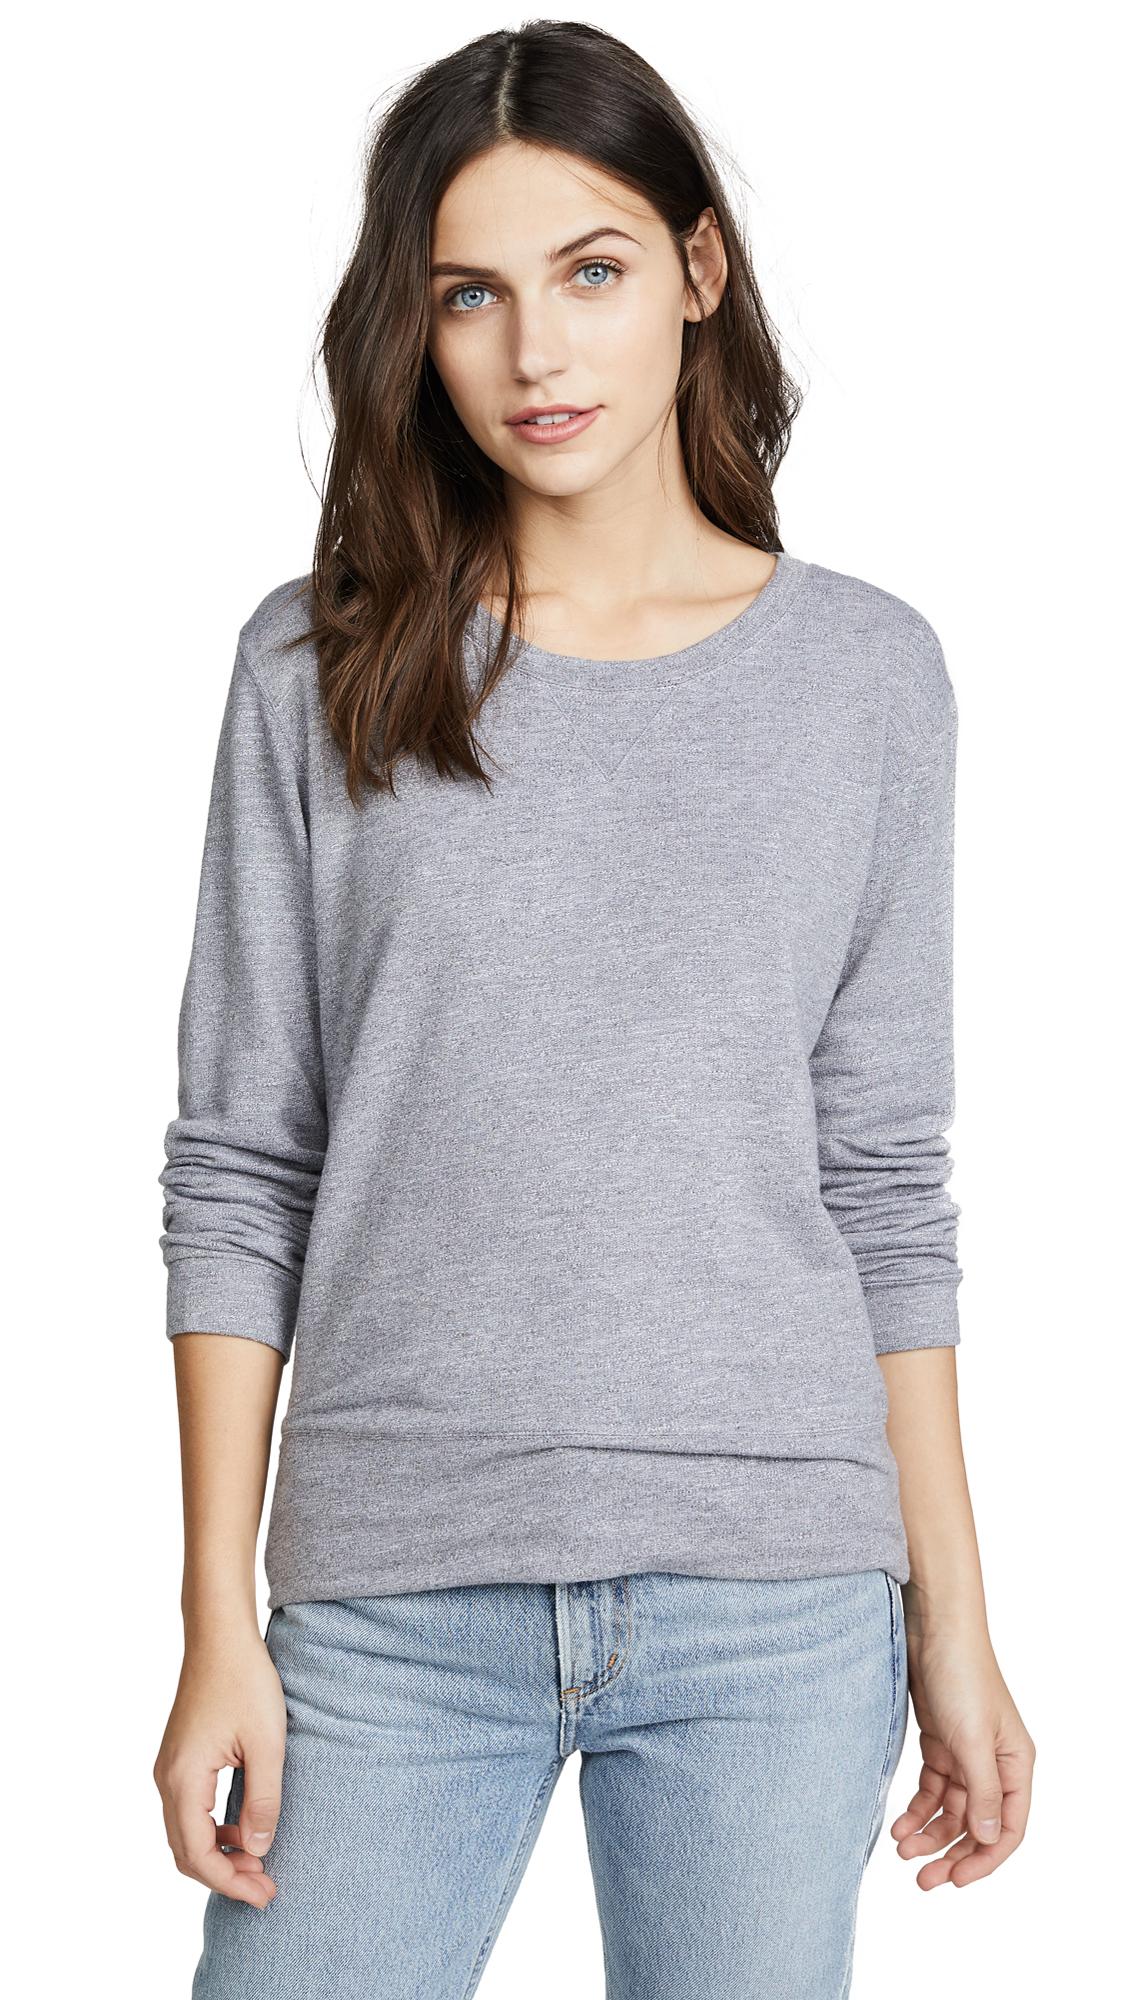 MONROW Crew Neck Sweatshirt In Dark Heather